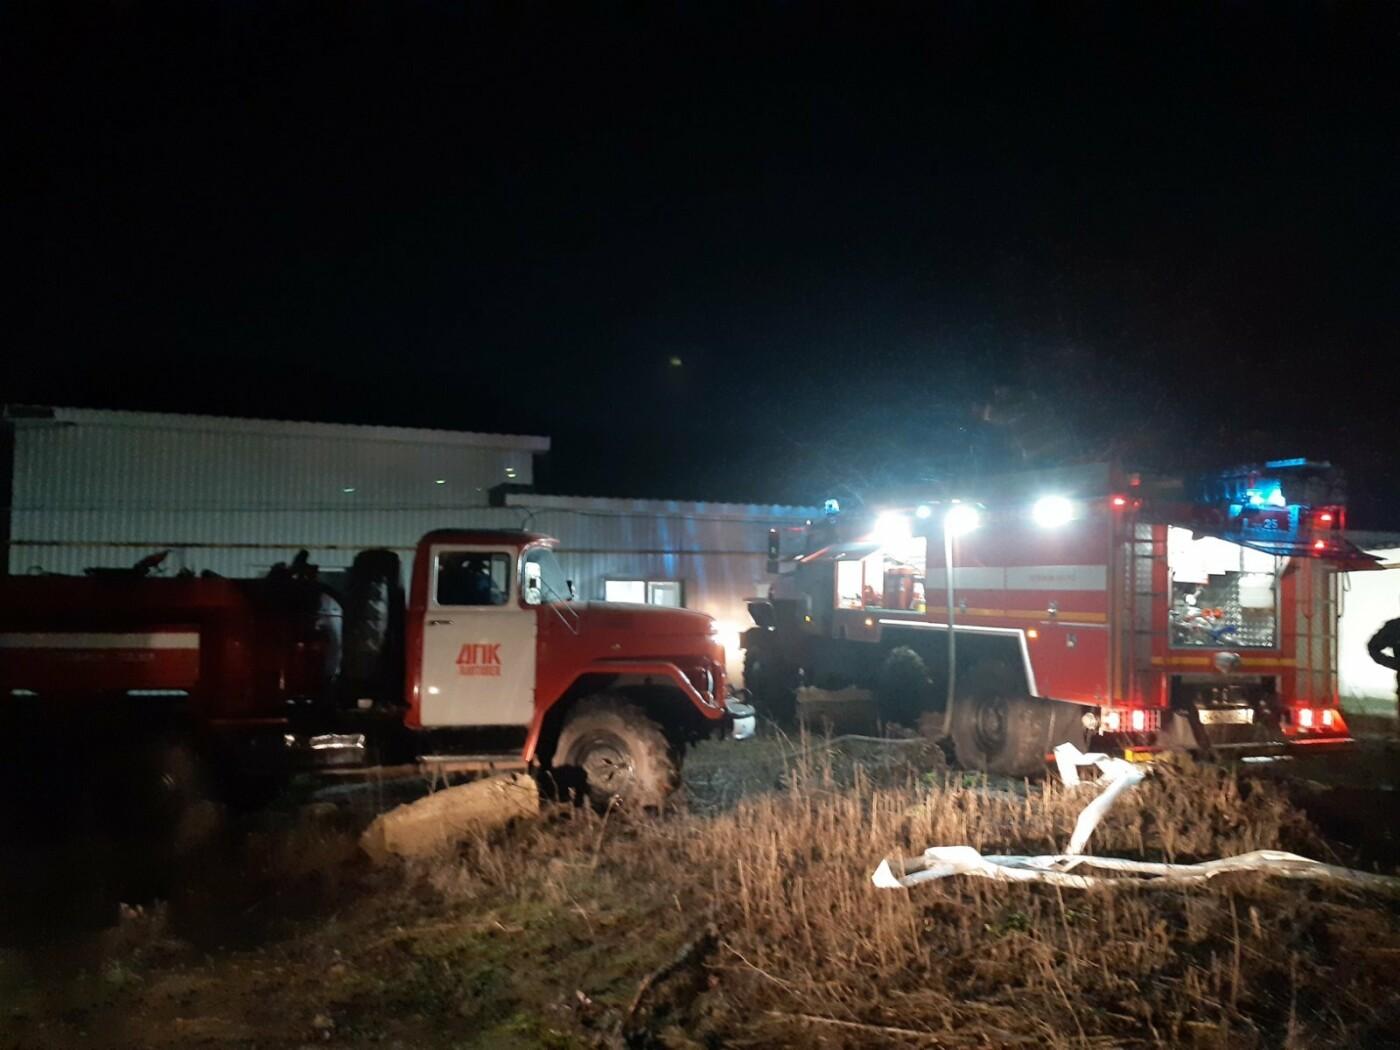 В Белгородской области ночью горел свинокомплекс, фото-2, Фото: пресс-служба Главного управления МЧС по Белгородской области